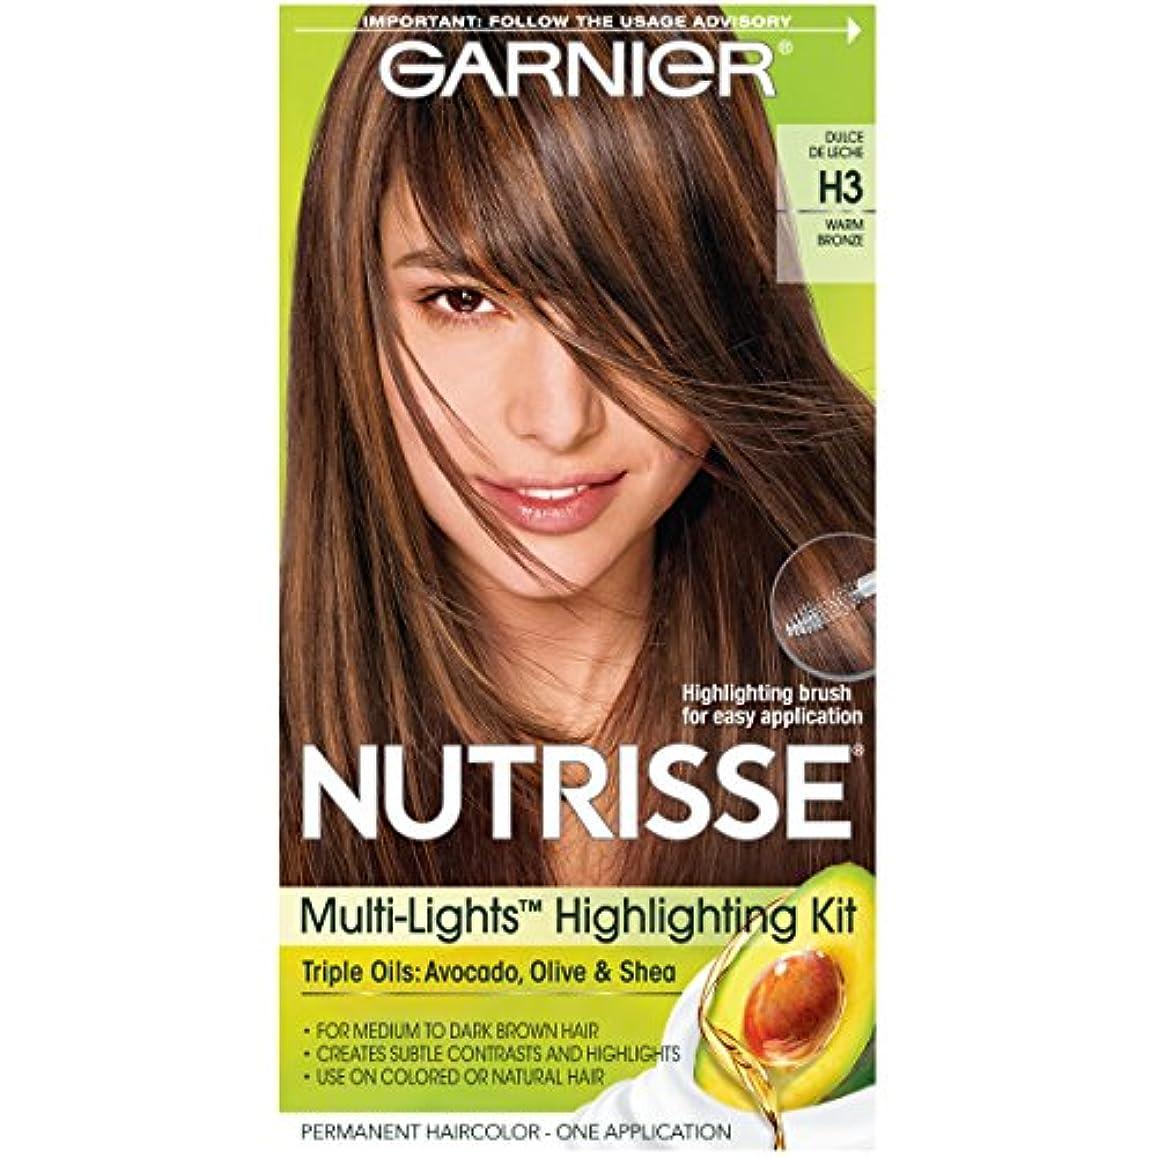 アリ拮抗する平手打ちGarnier Nutrisseナリシングヘアカラークリーム、H3ウォームブロンズ(梱包が変更になる場合があります)